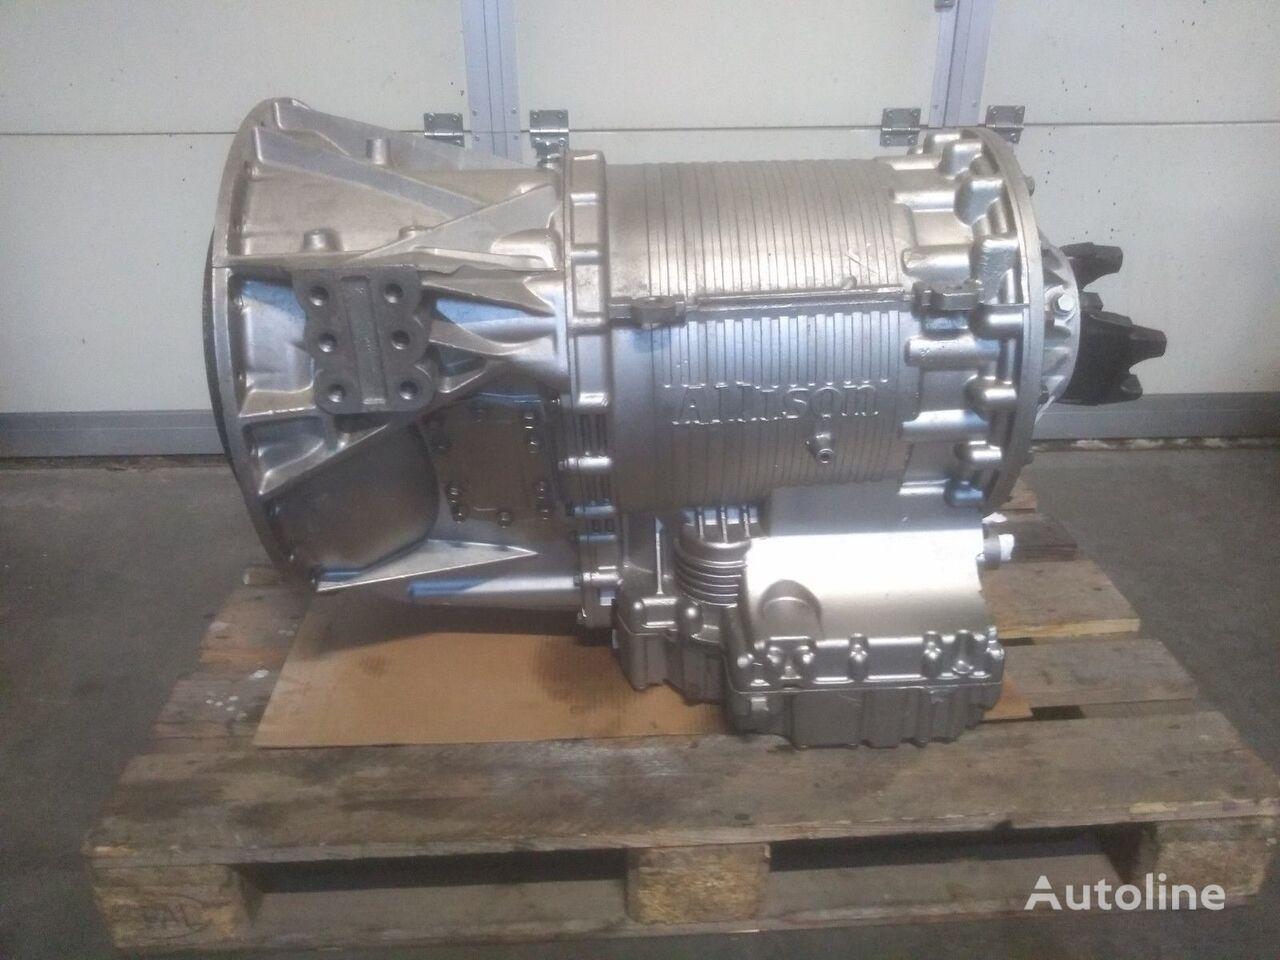 Allison 4560P versnellingsbak voor knikdumper